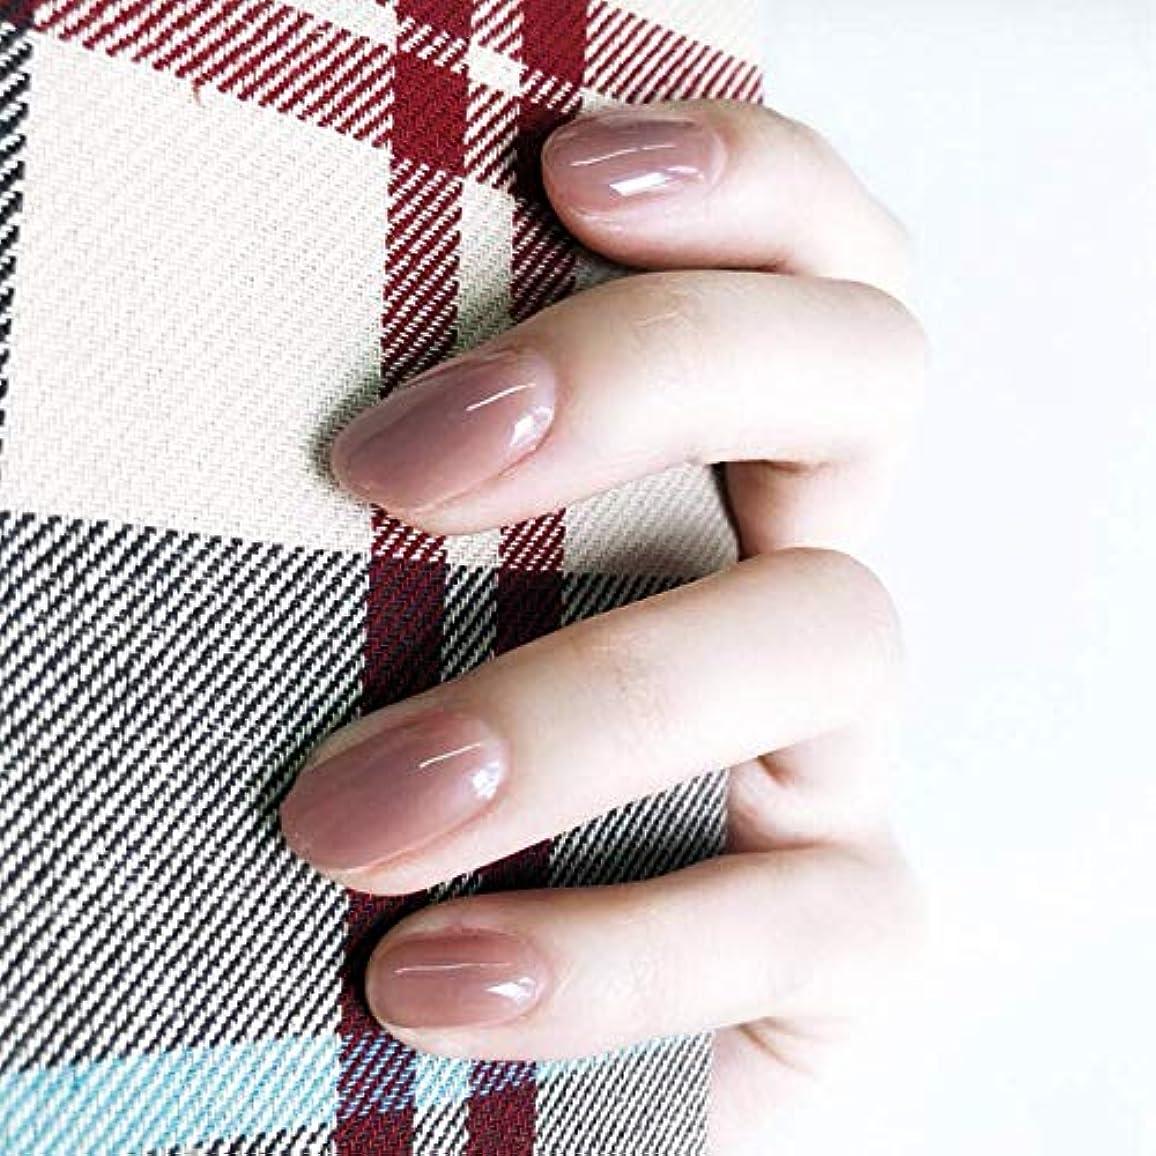 立証する計画的第二に24枚入 無地ネイルチップ 可愛い優雅ネイル ins流行する ゼリーネイルチップ 多色オプション 結婚式、パーティー、二次会など 入学式 入園式 ネイルジュエリー つけ爪 (グレーピンク)